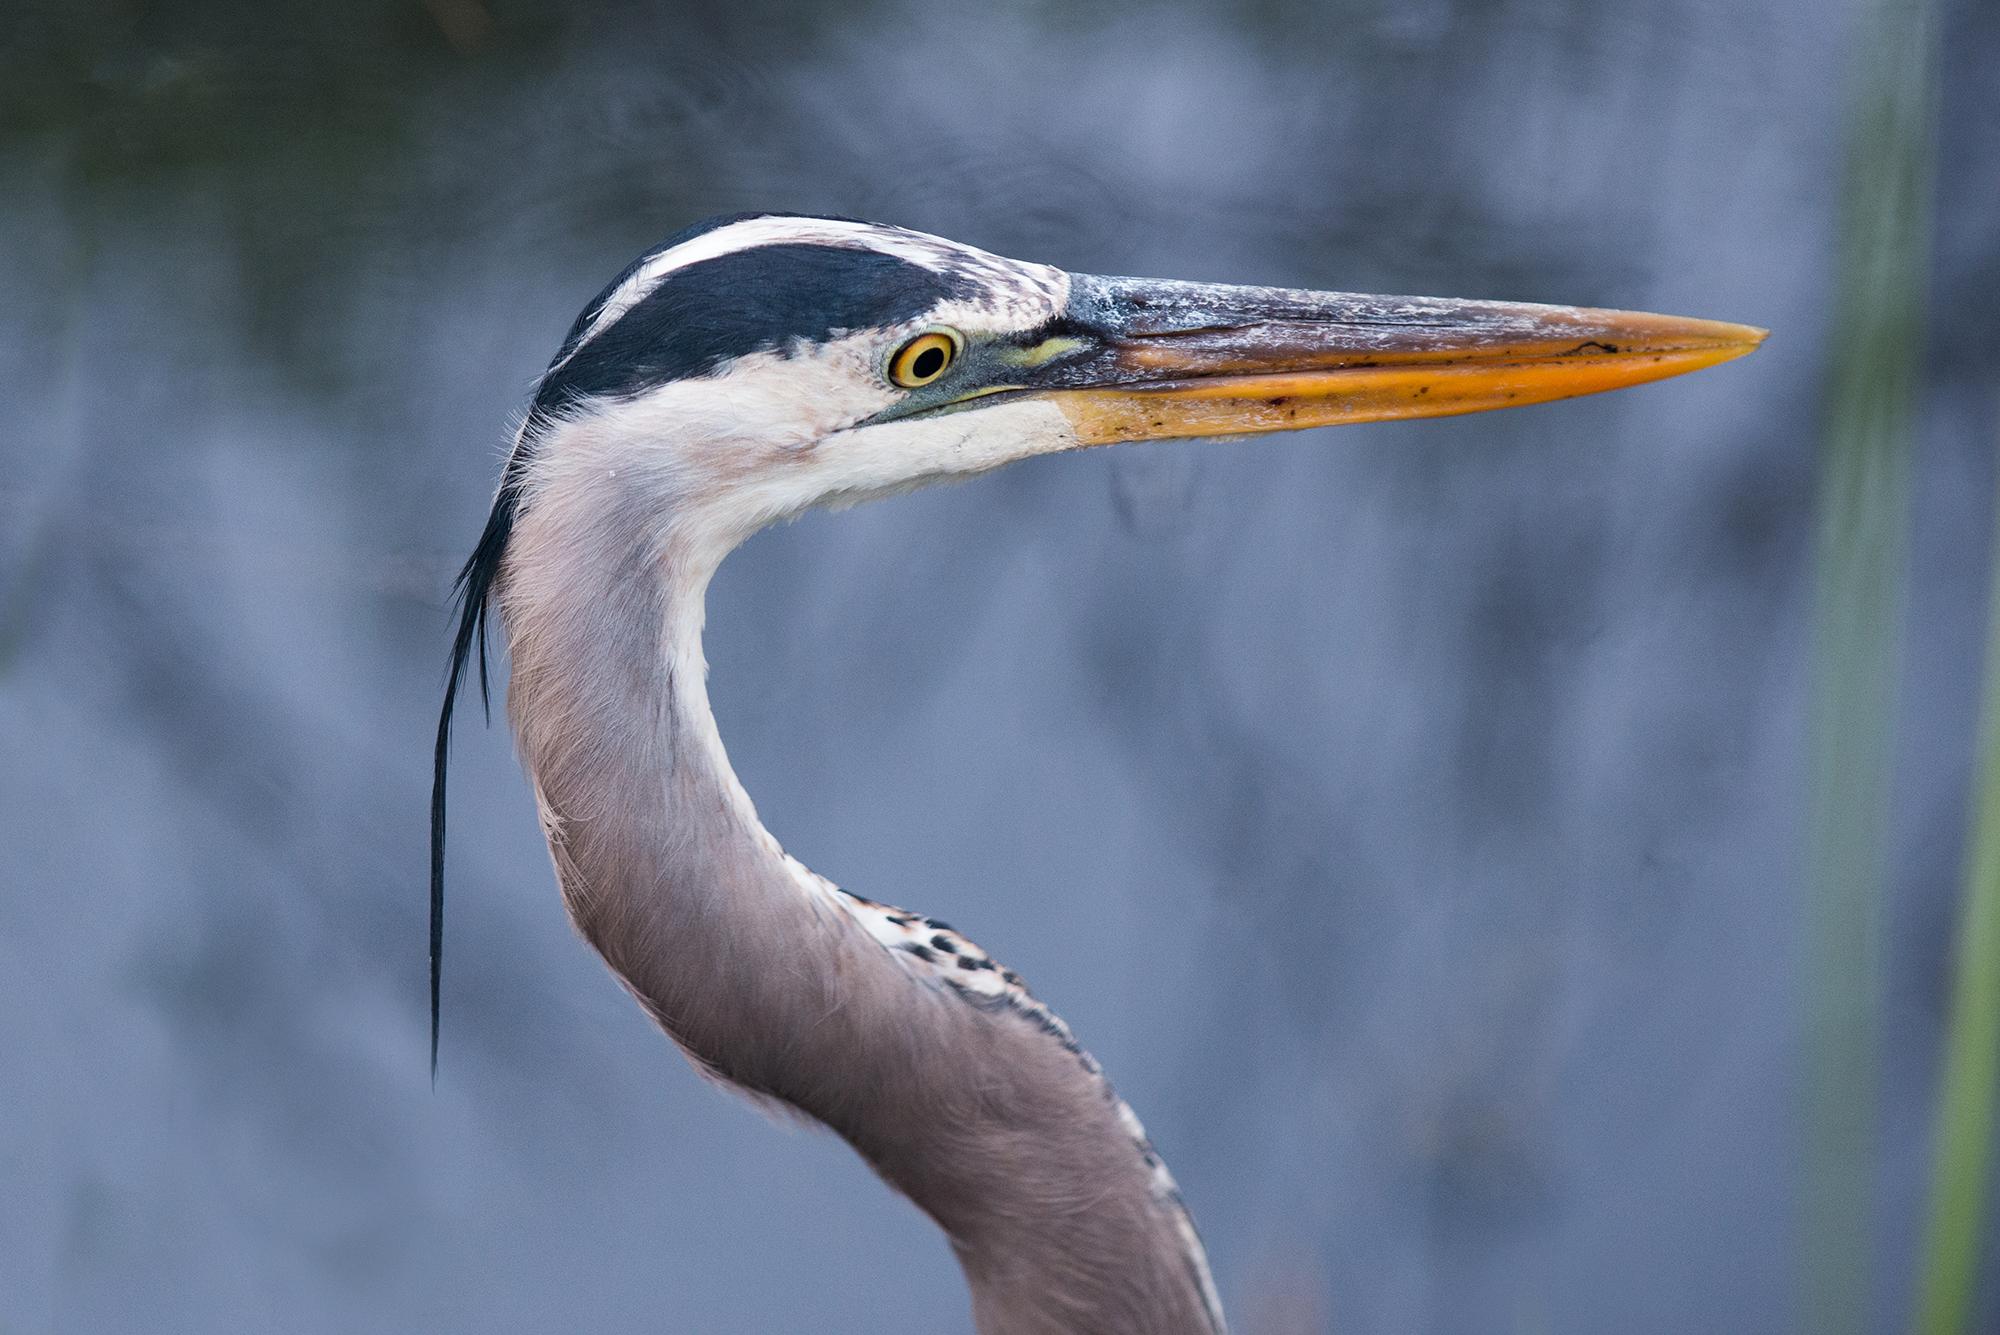 #blueheron, #greatblueheron, #heron, #bird, #profile, #wildlife, #nature, #florida, #everglades. #sharakvalley, #nikon, #nikond800, #eye